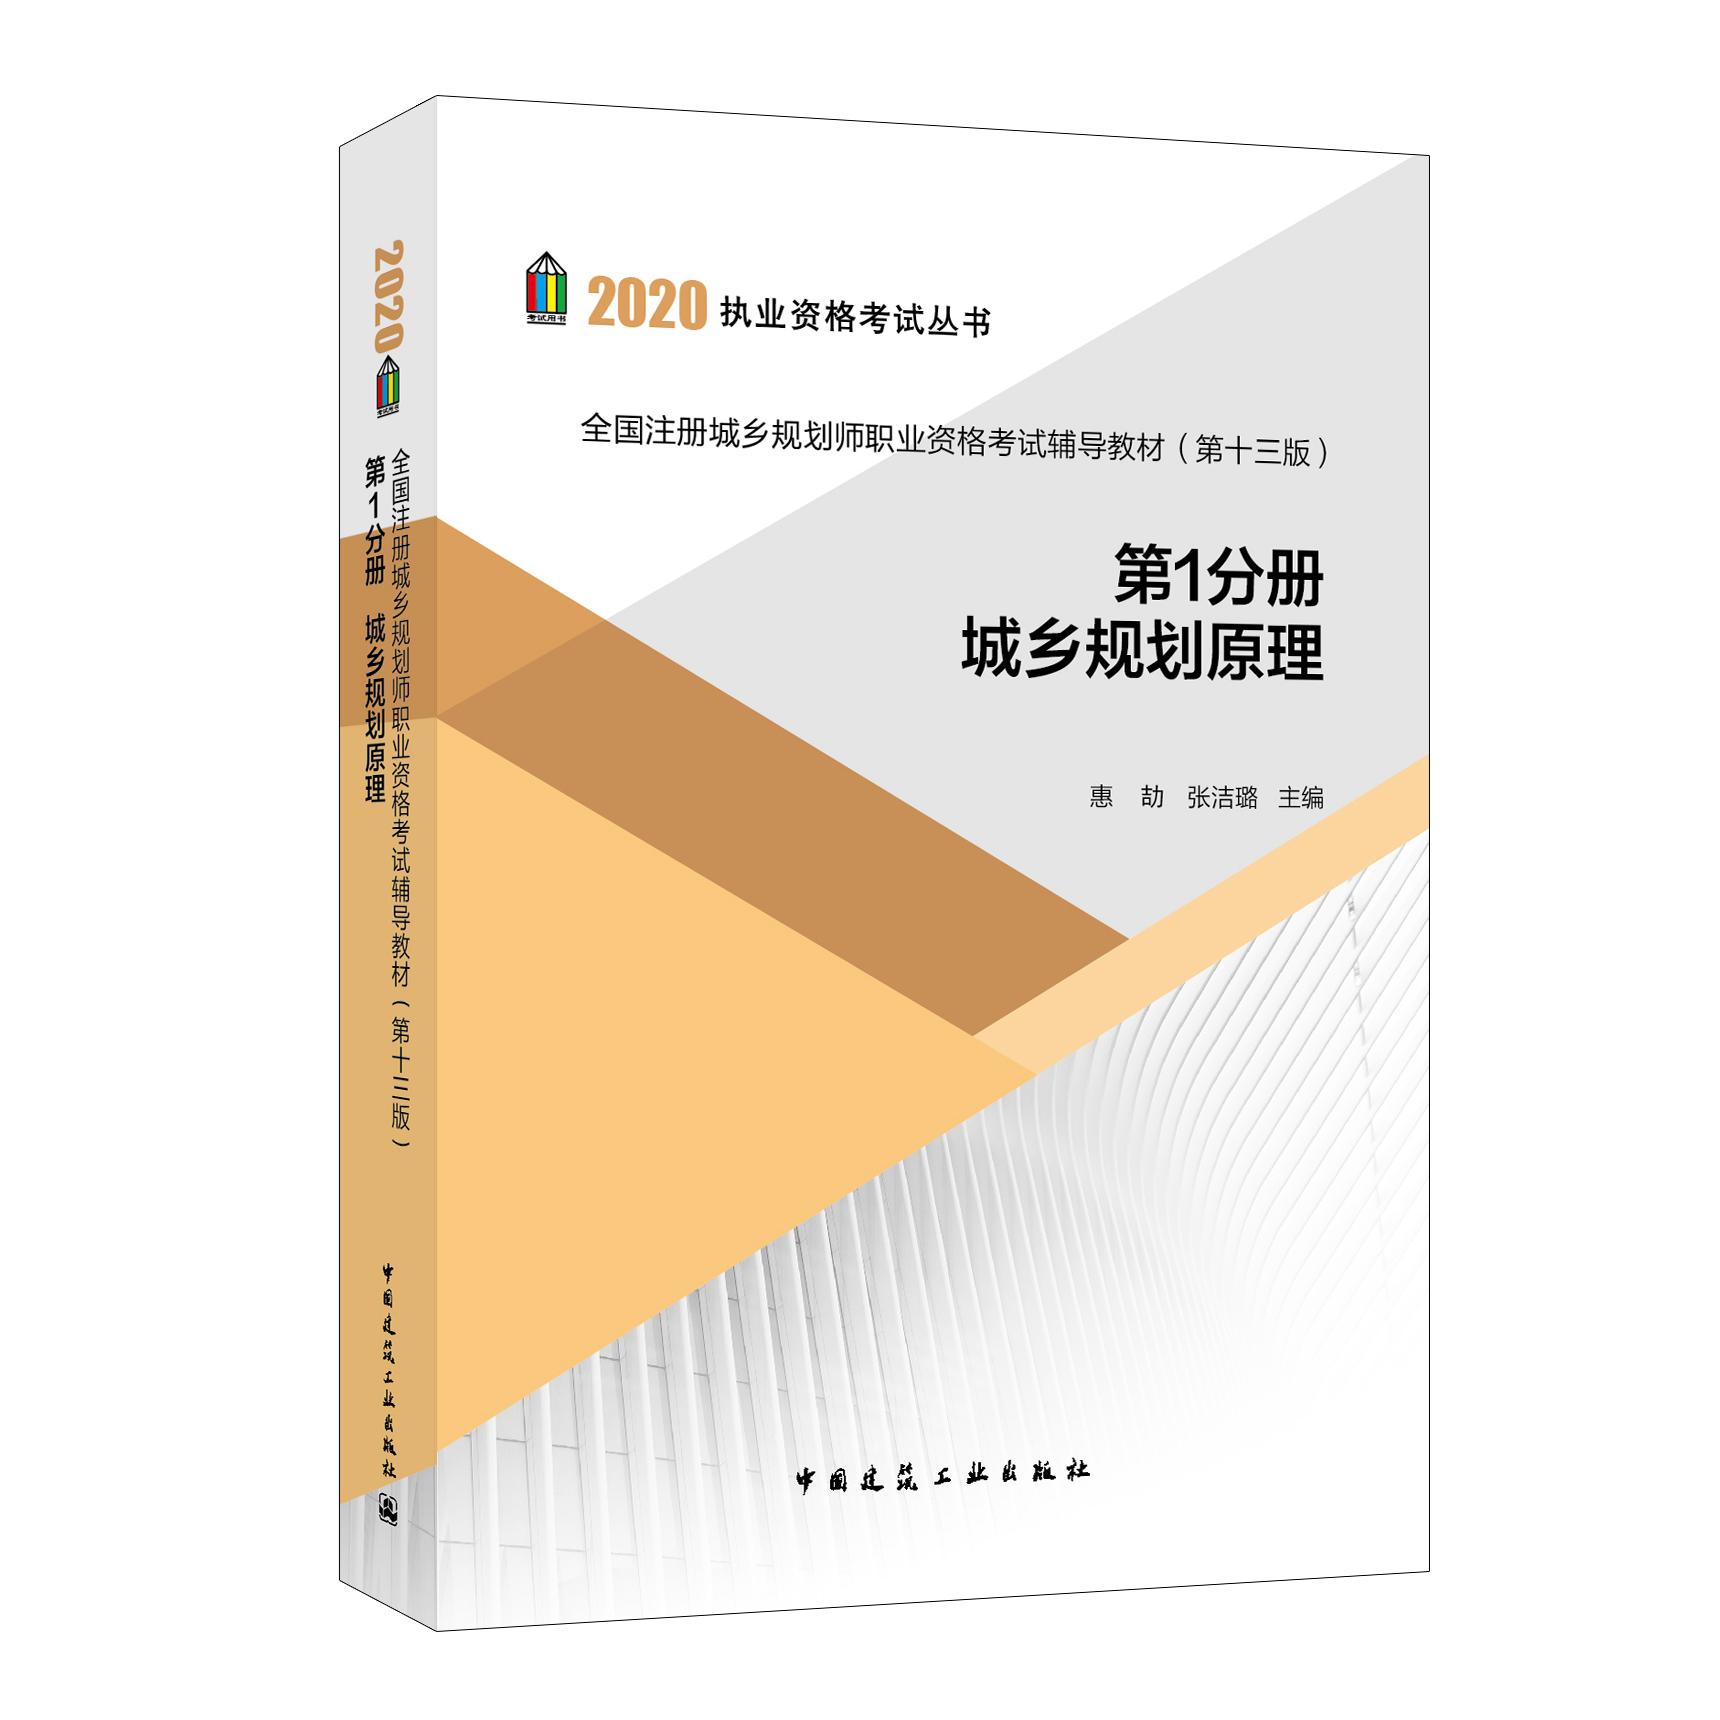 【预售】2021年注册城乡规划师考试辅导教材 第1分册 城乡规划原理 第十三版